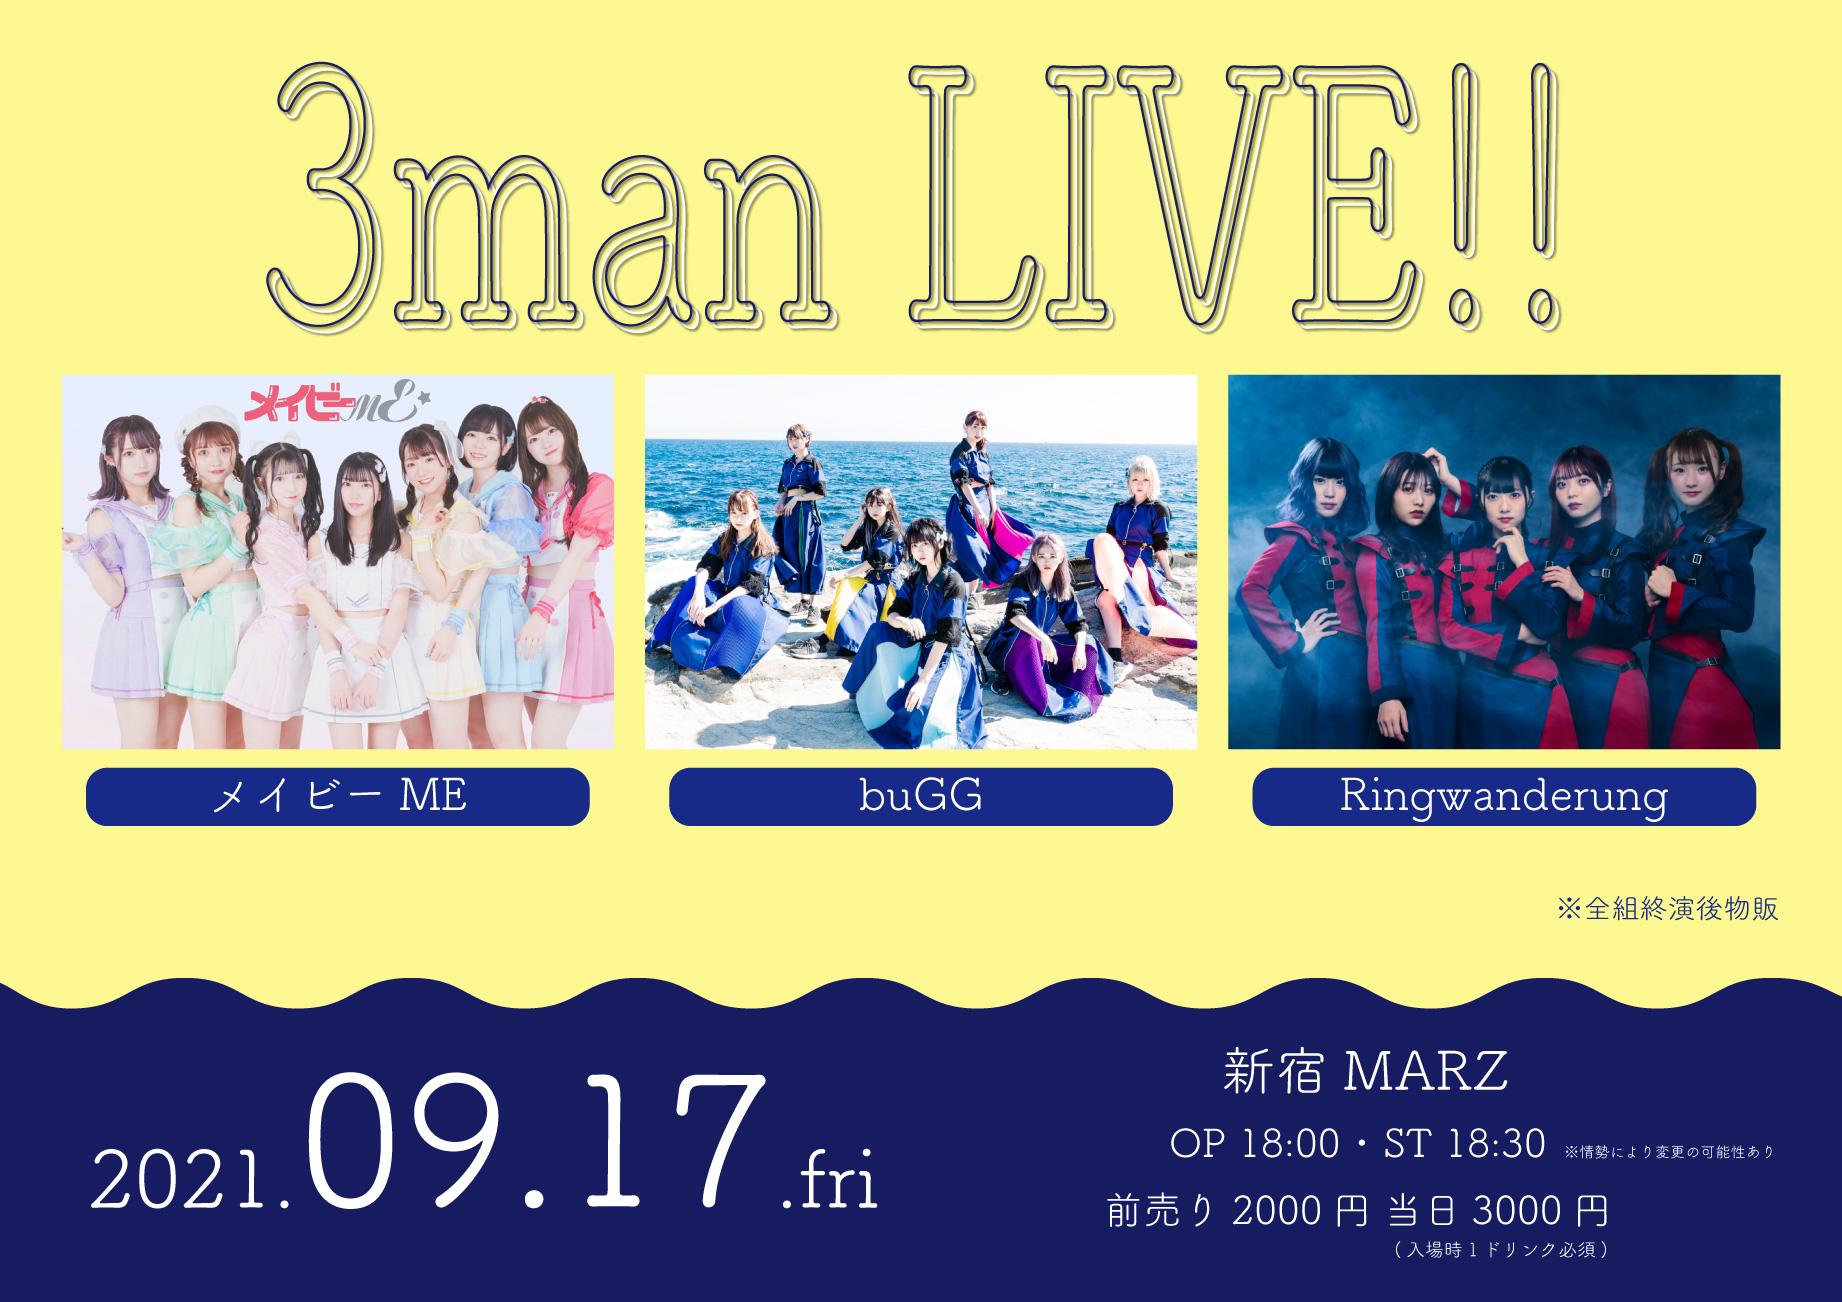 9/17(金) メイビーME × buGG × Ringwanderung 3man Live!!